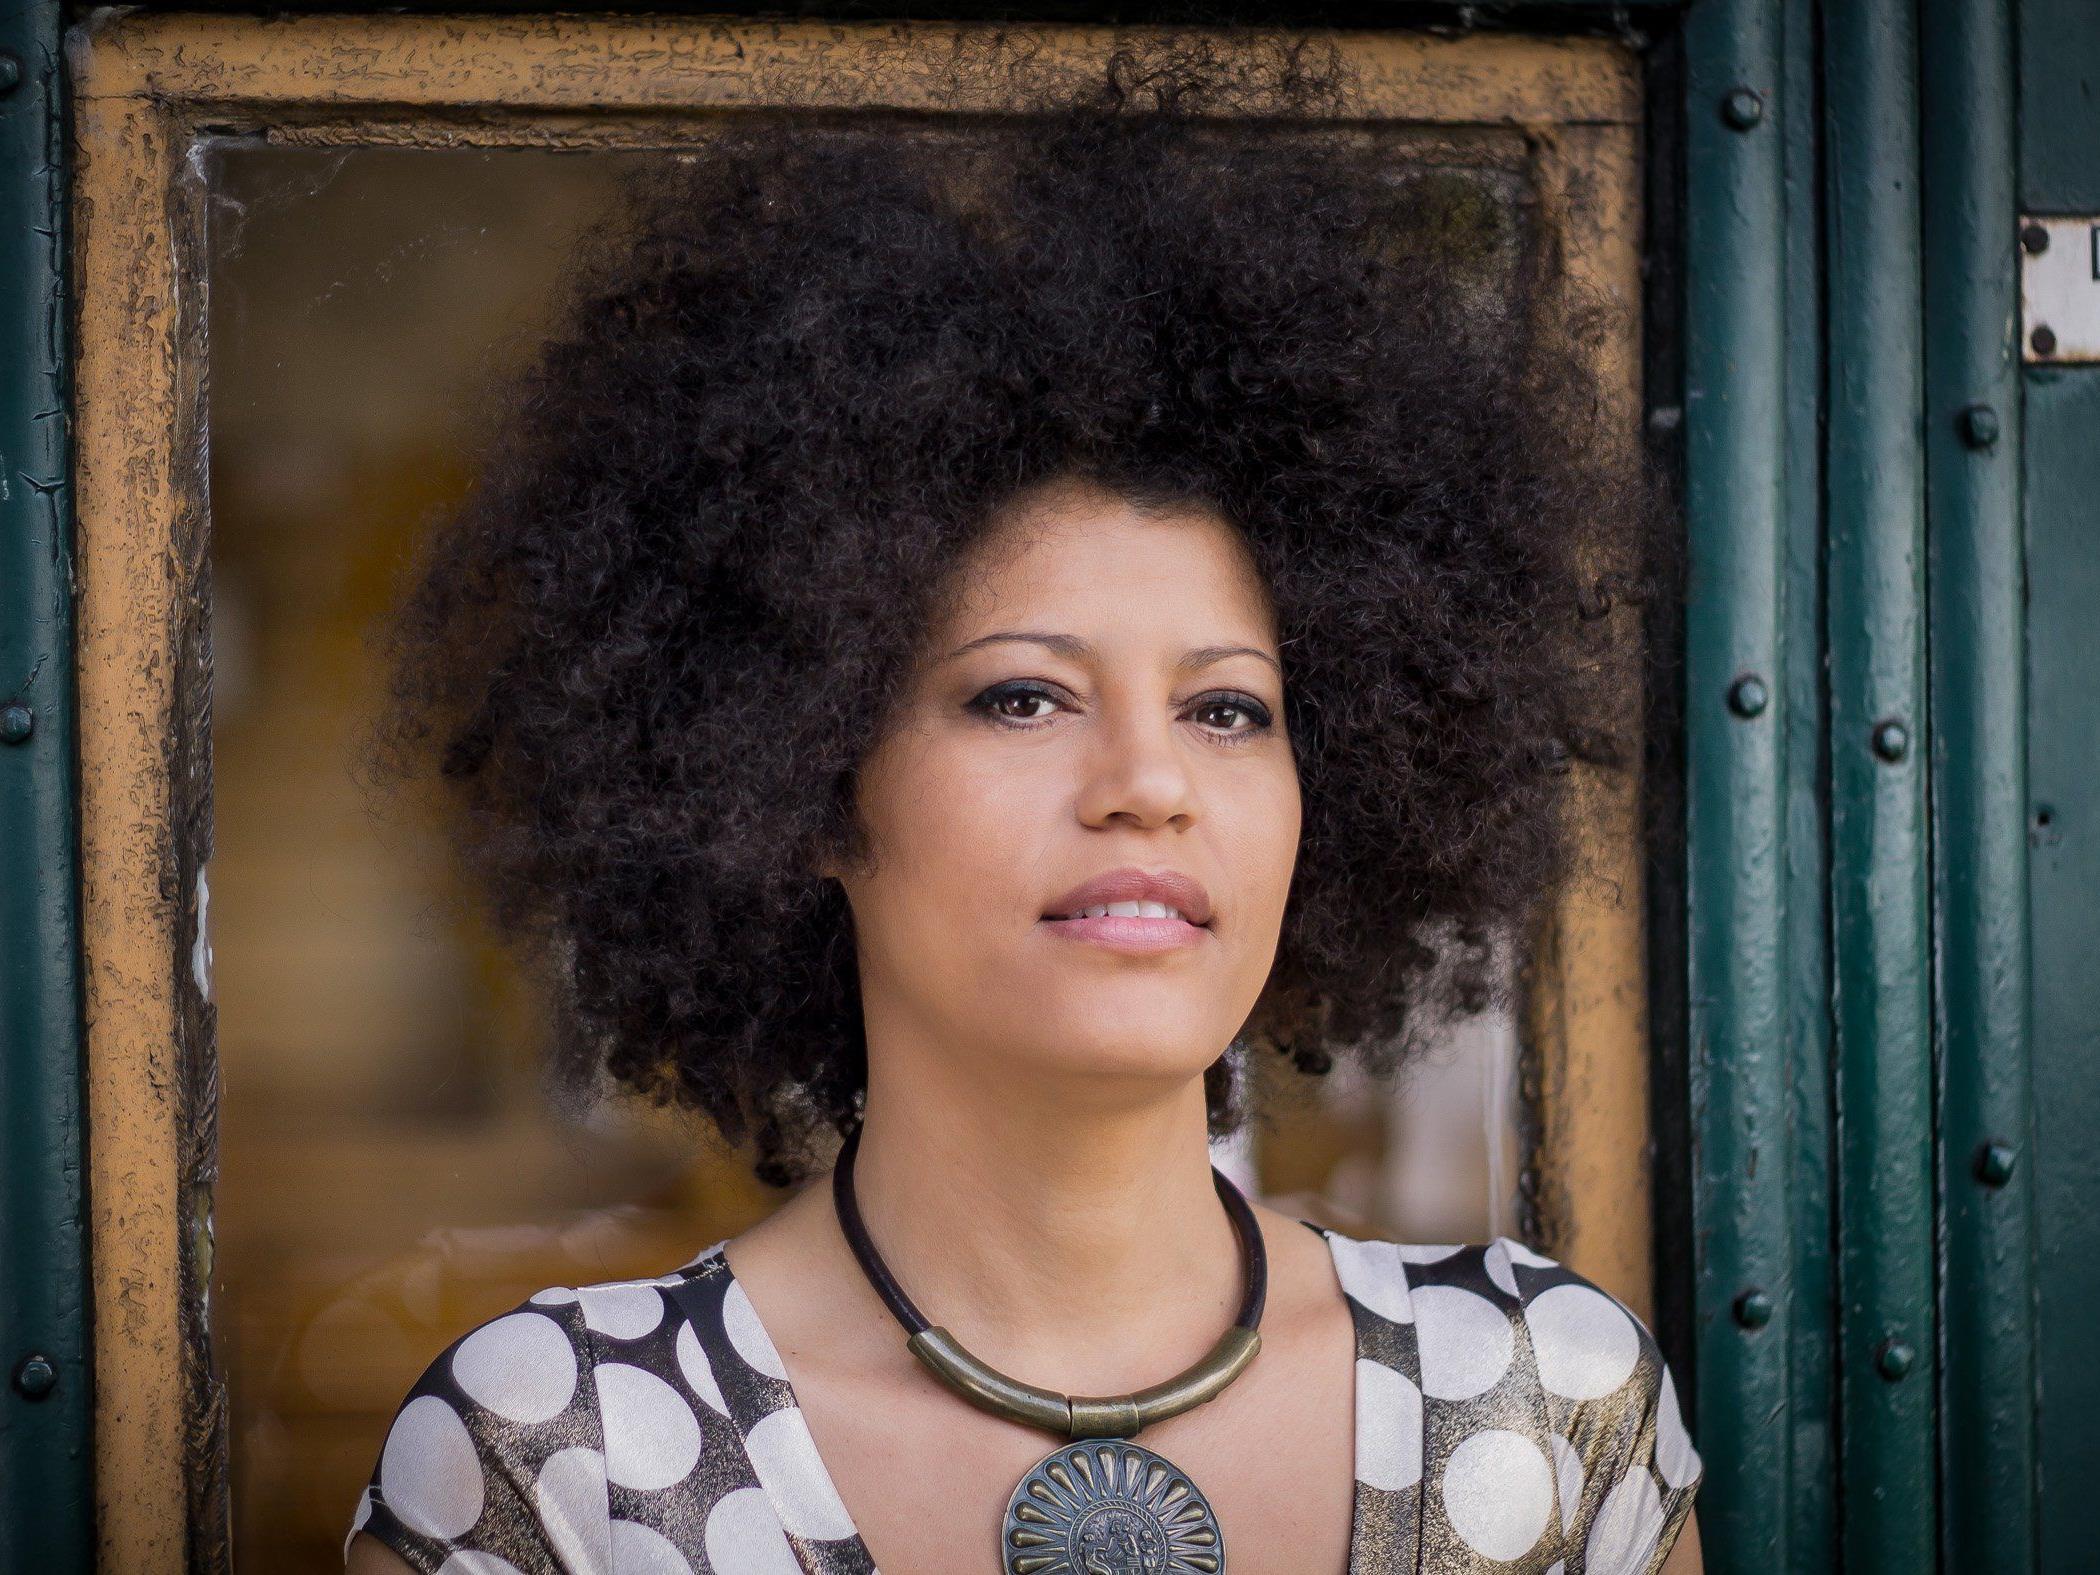 Die kubanische Sängerin und Songwriterin Addys Mercedes gastiert am Samstag, 14. März am Spielboden.